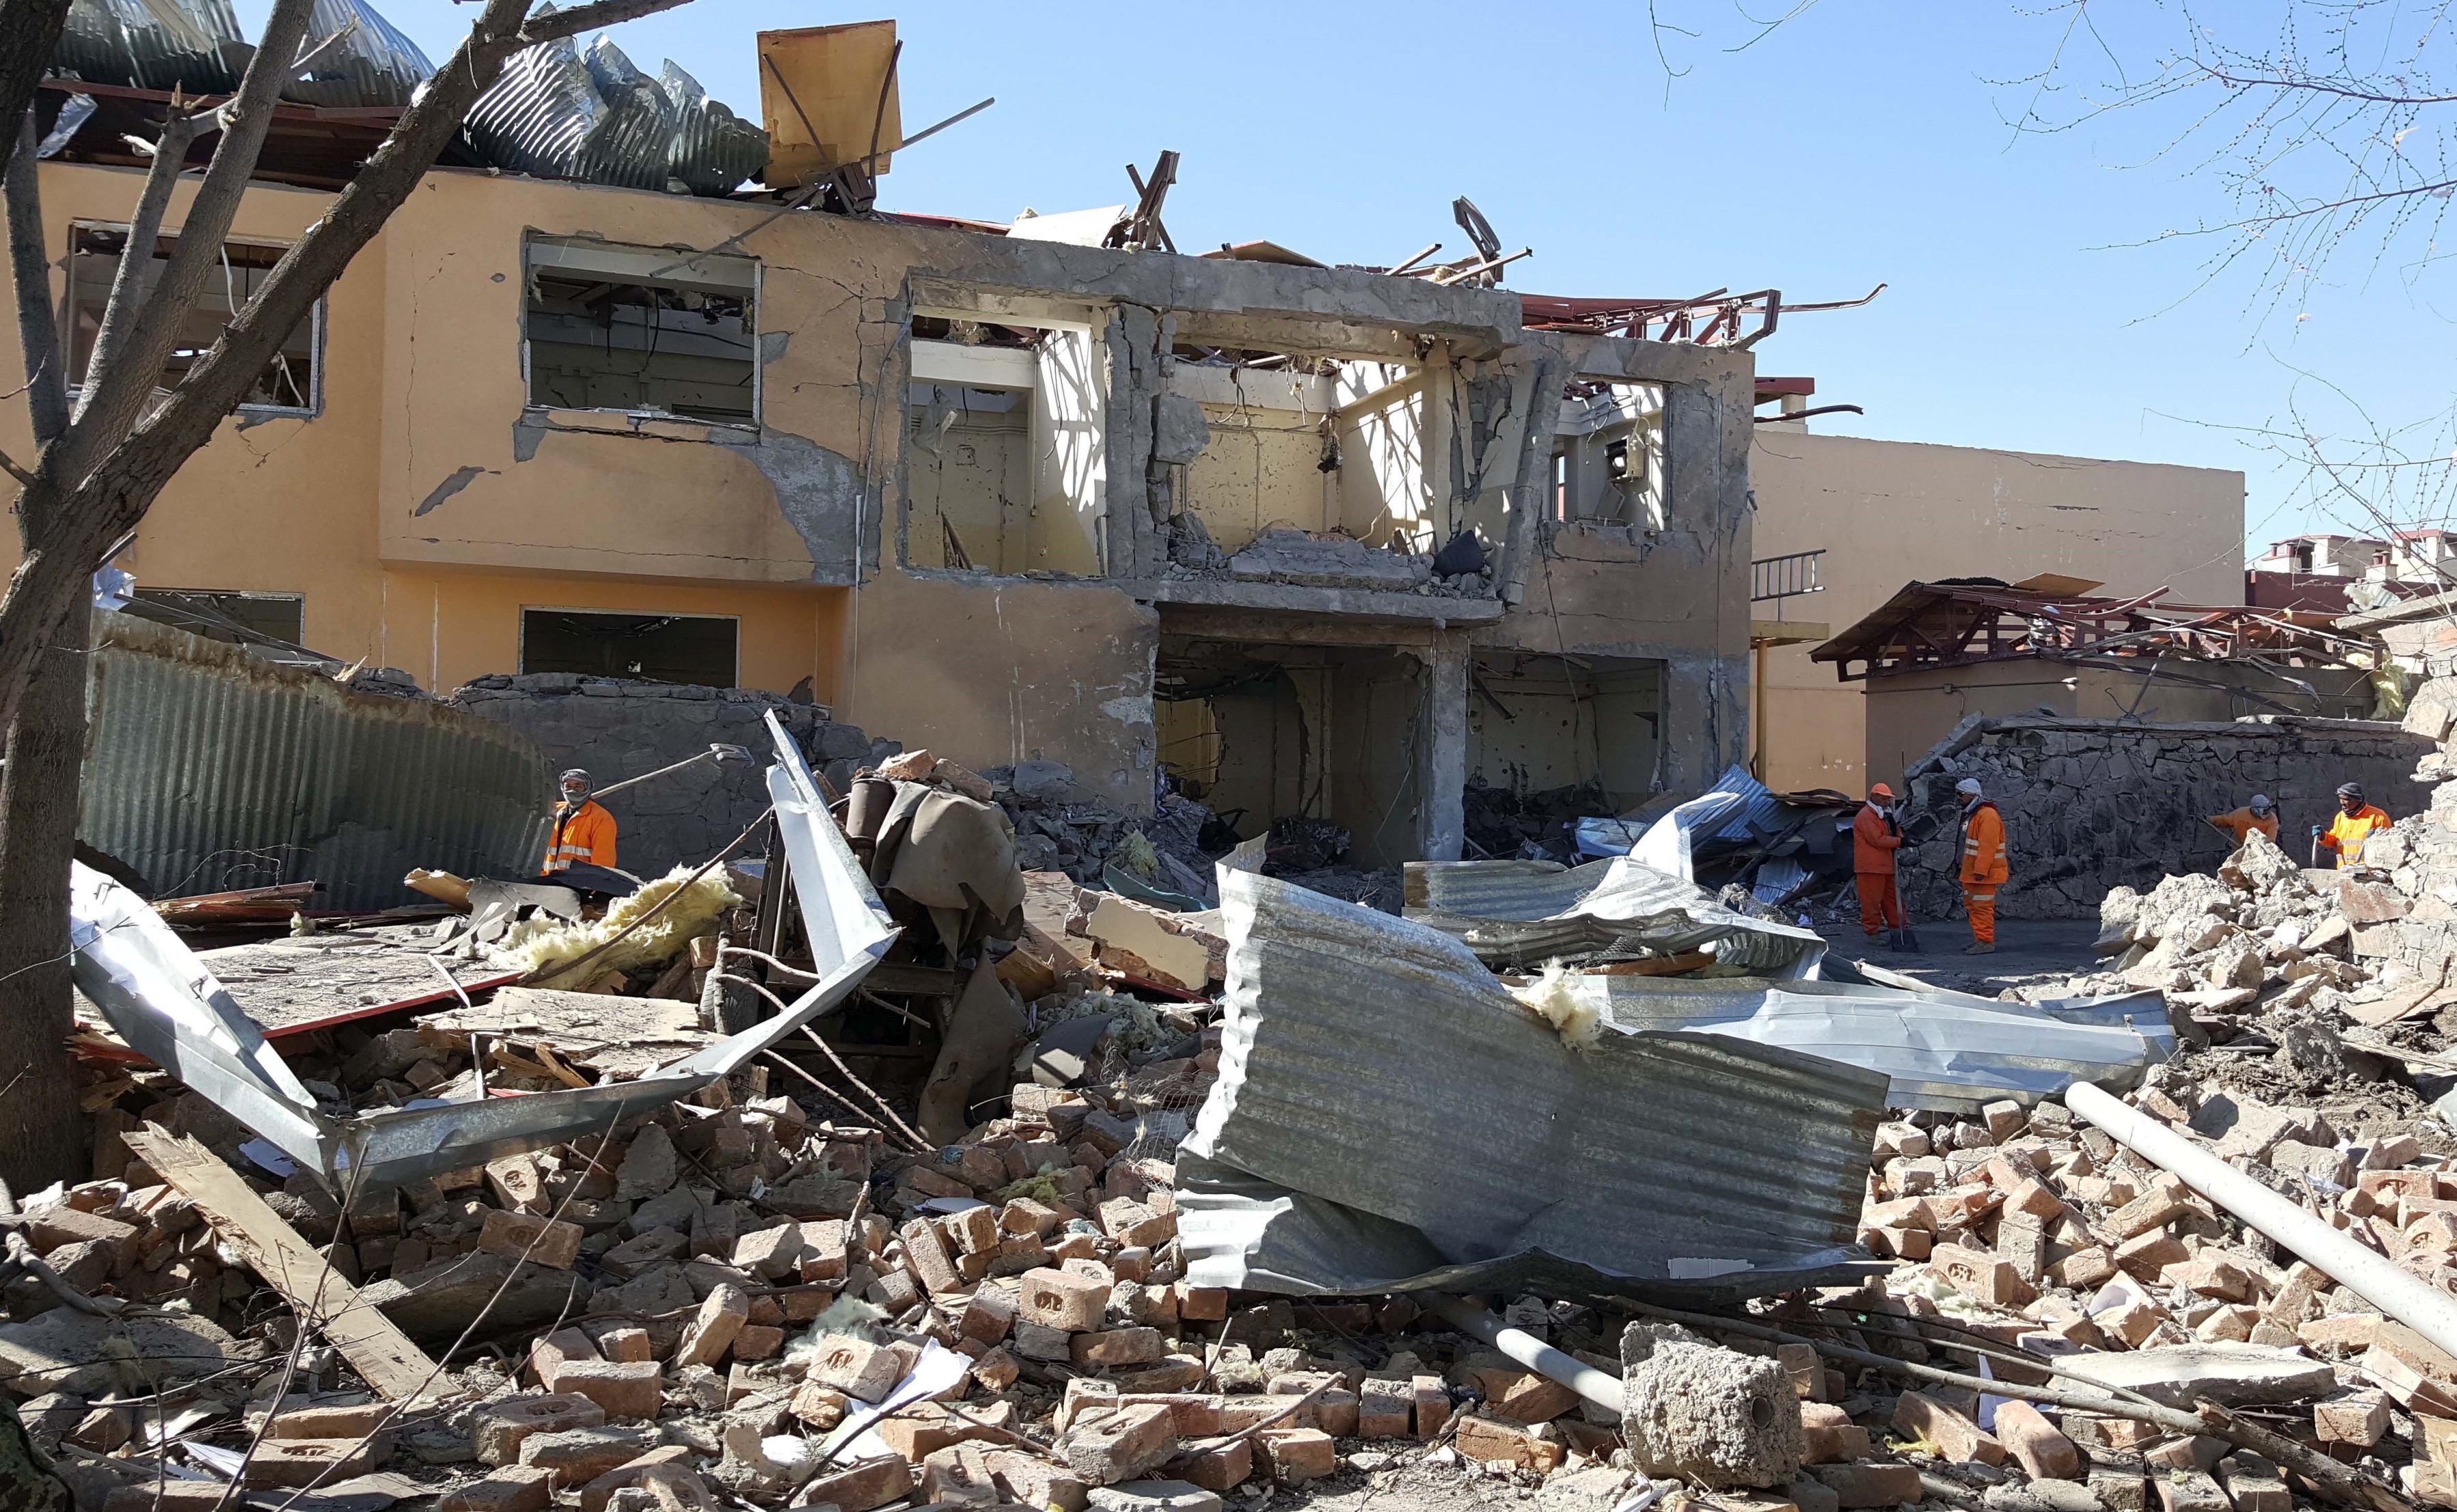 Cel puţin 40 de persoane au murit în urma unui atentat sinucigaş comis în Kabul